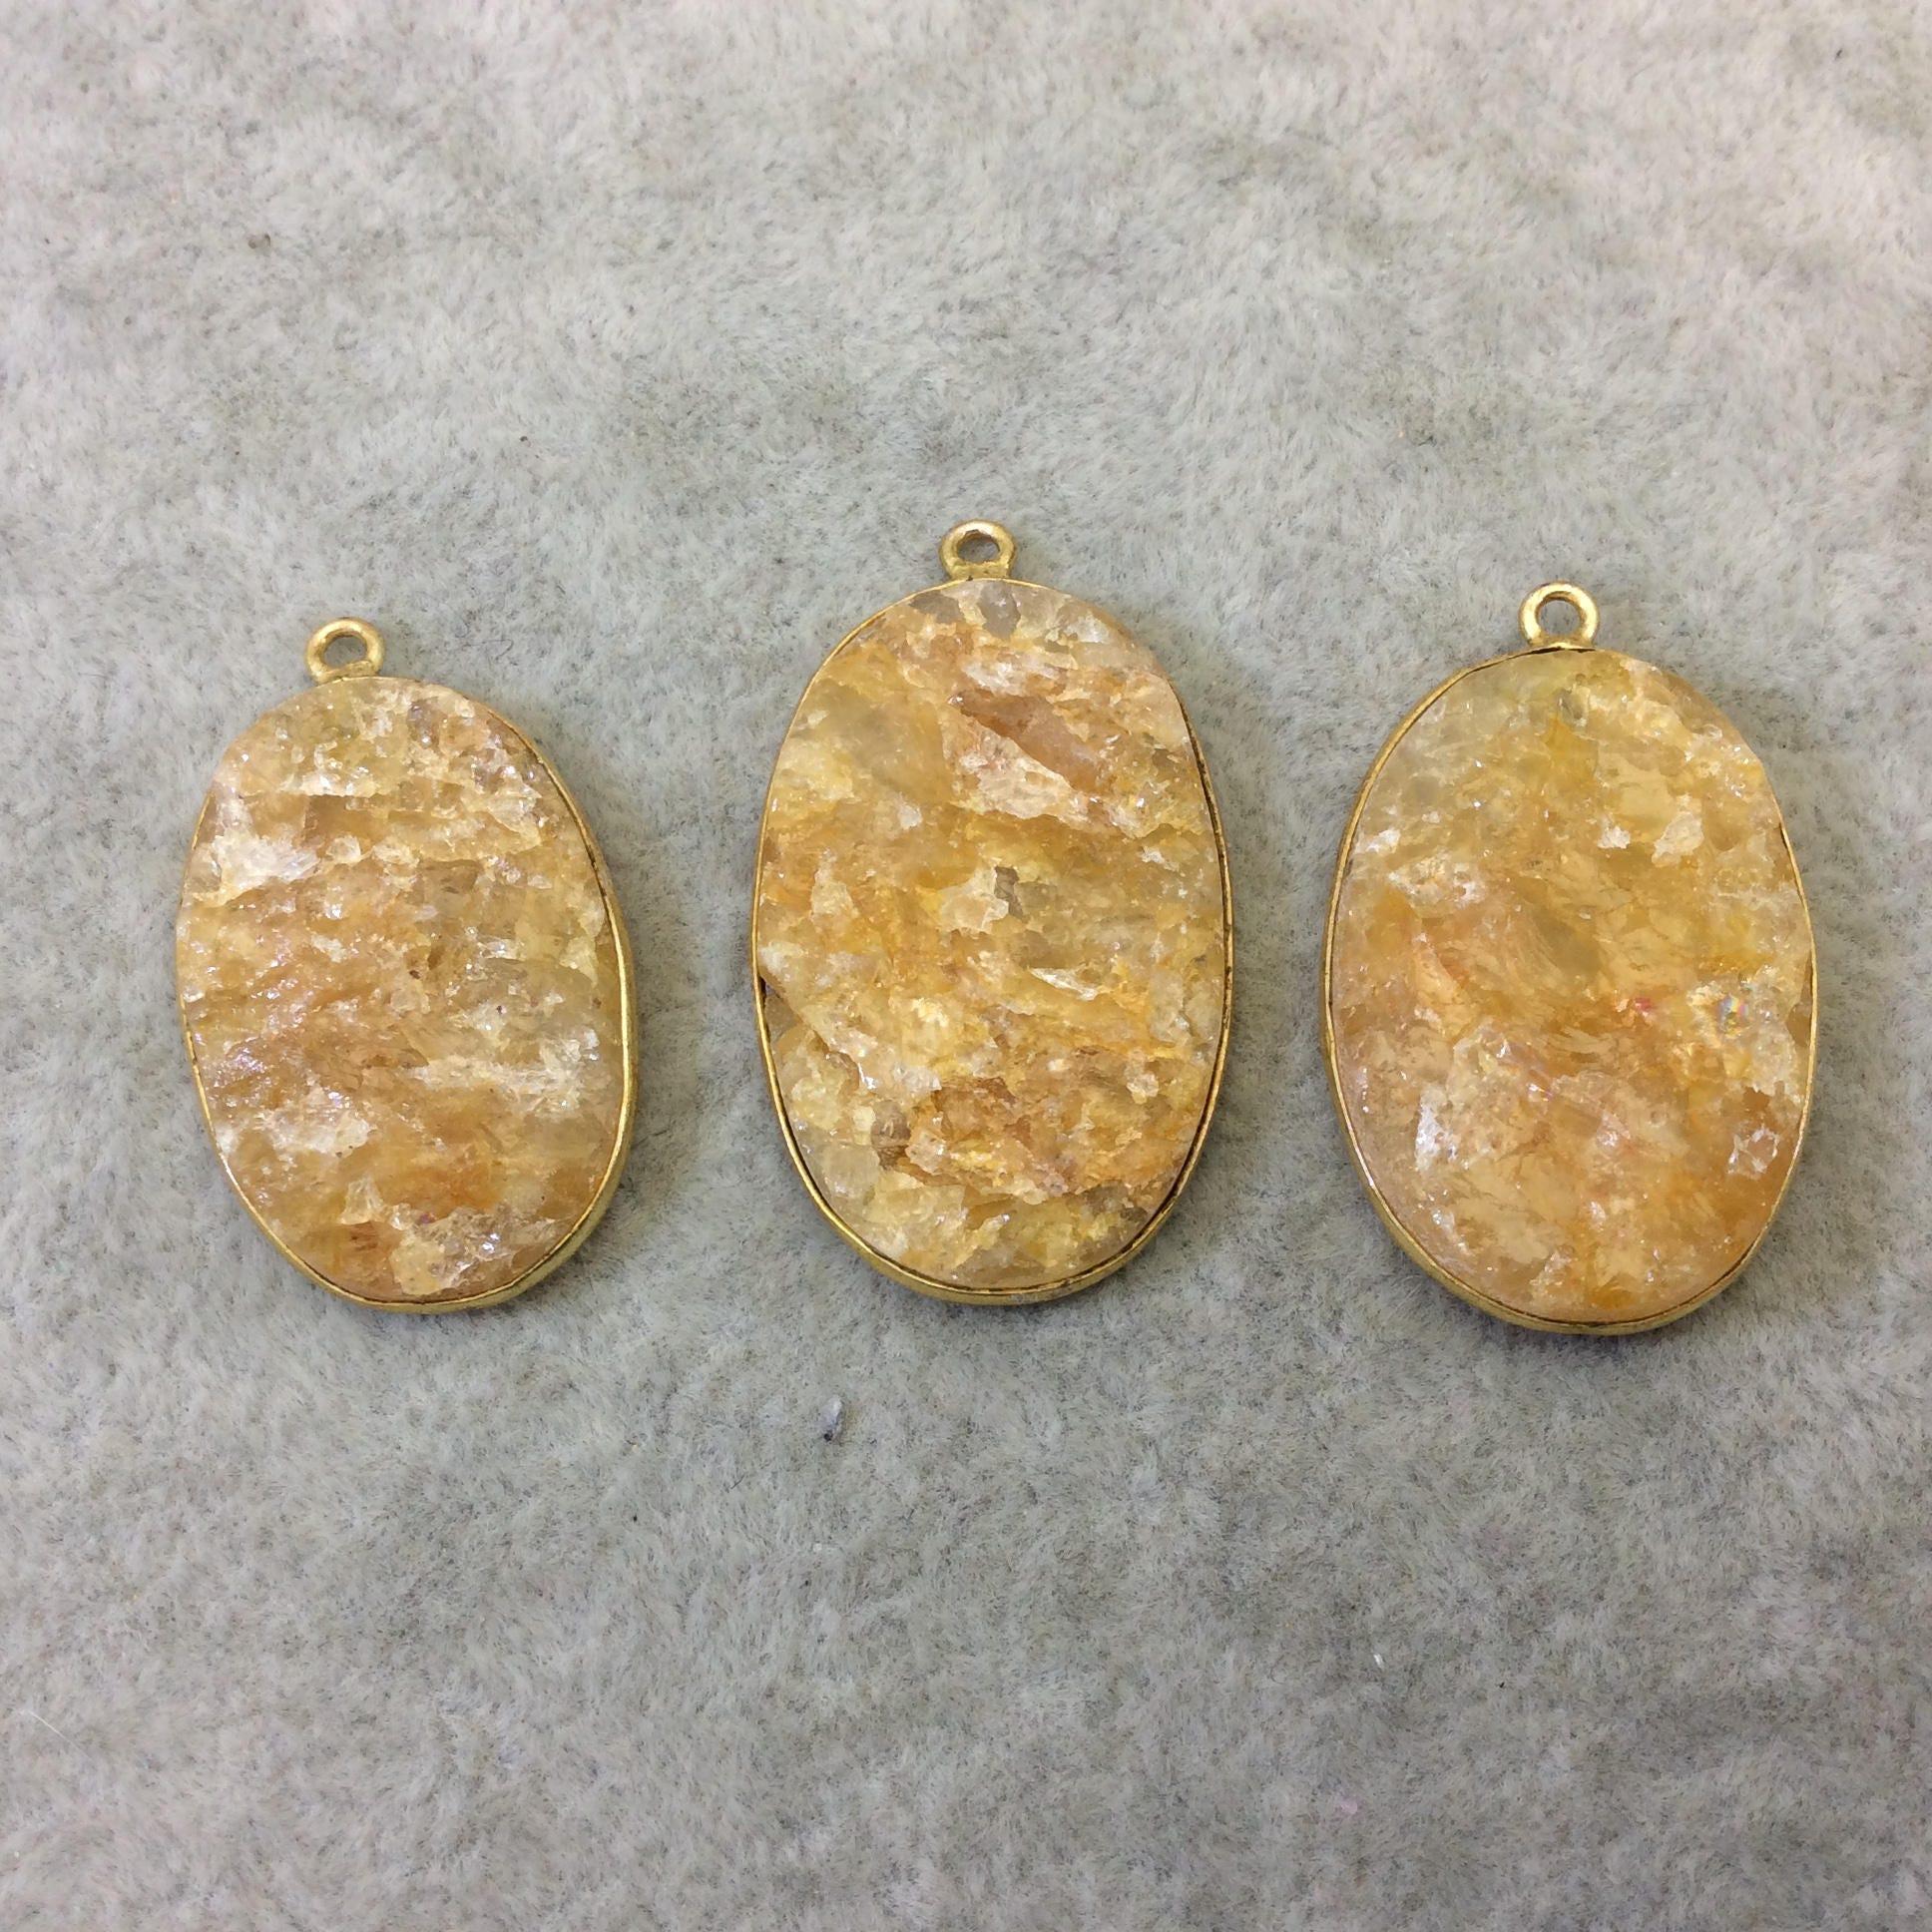 En plaqué or de beaucoup de bijoutier Citrine brute brute brute naturelle - trois forme libre dos plat en cuivre lunette pendentifs «RCT10» - 27 mm x 33 m Long - vendu comme indiqué! a1ac09